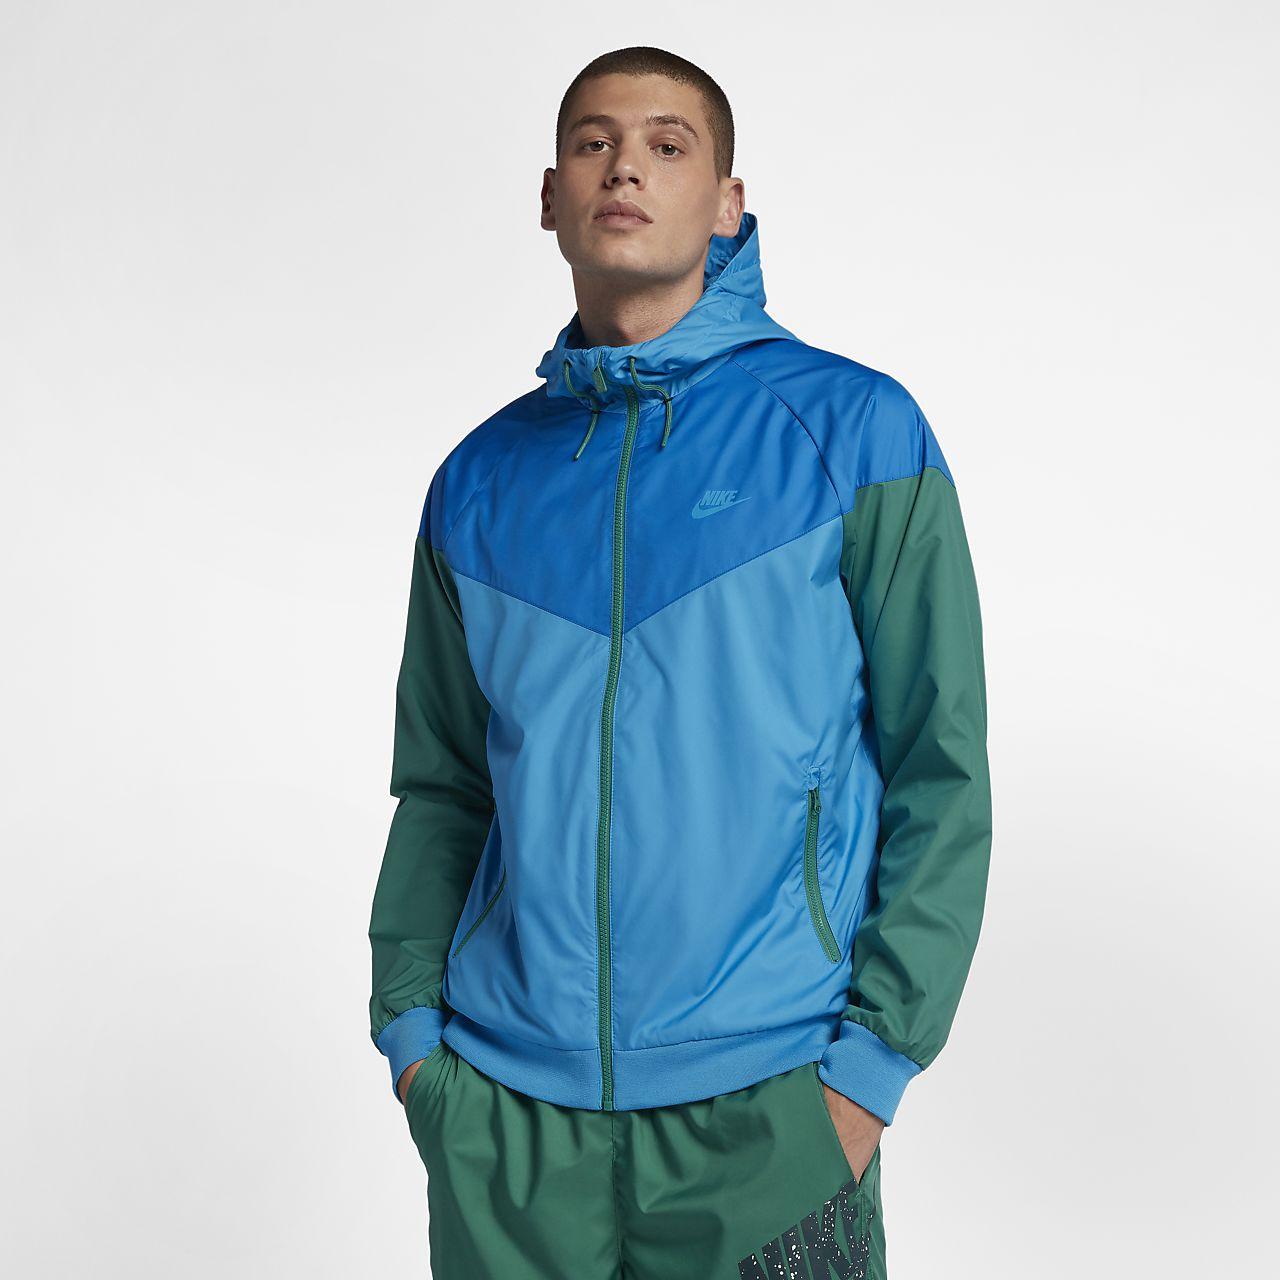 Low Resolution Nike Sportswear Windrunner Men's Jacket Nike Sportswear  Windrunner Men's Jacket